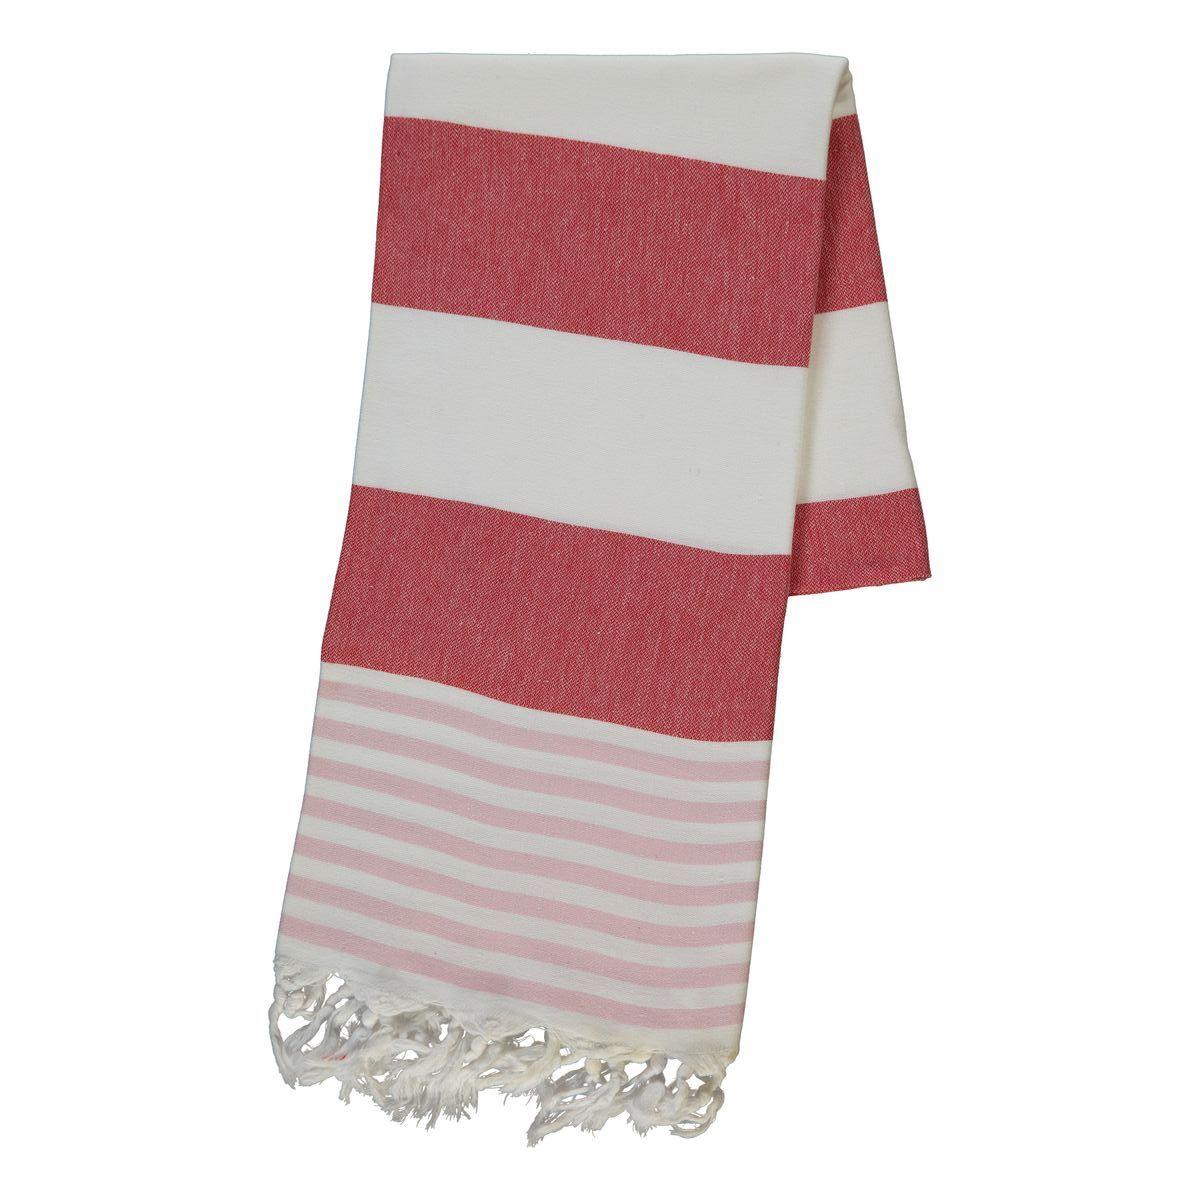 Peshtemal Ladon03 - Pink / Red